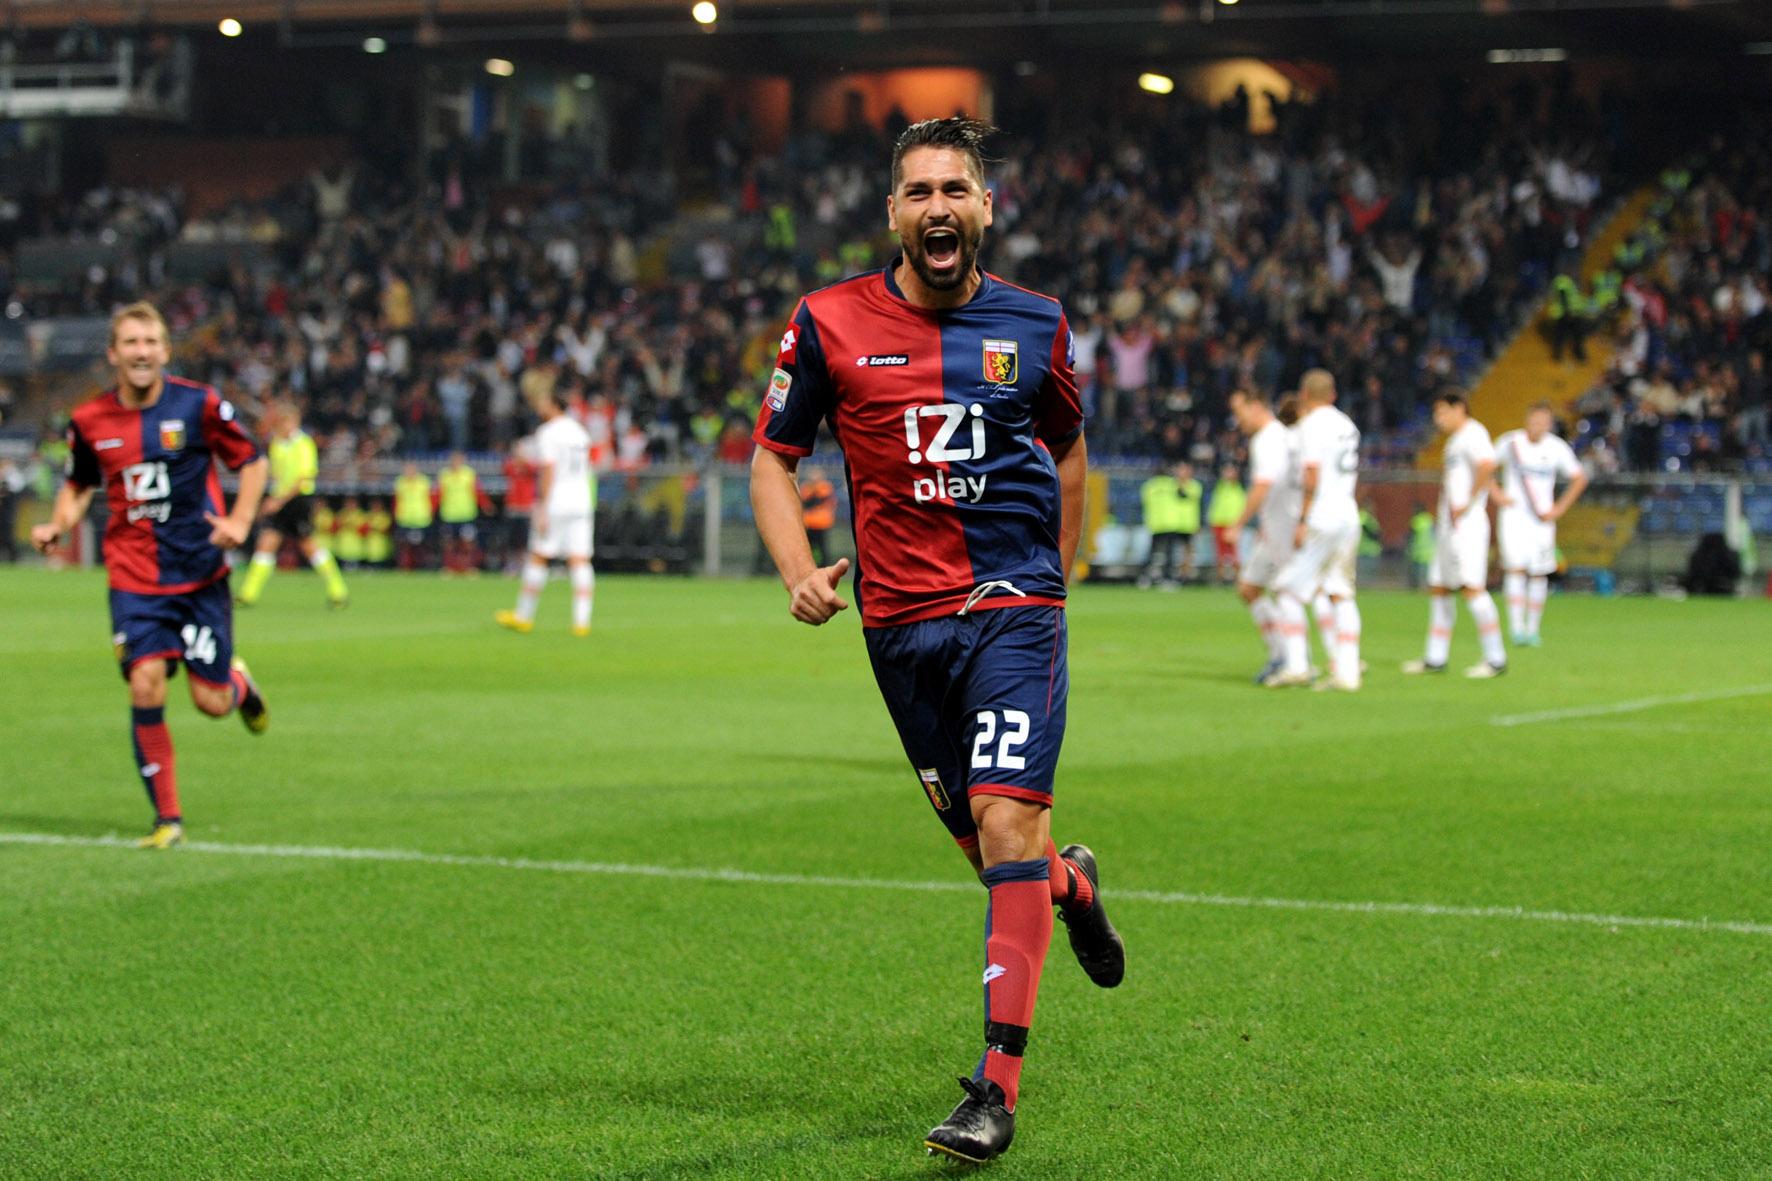 Rivedere Borriello con la maglia del Genoa? Per ora solo fantacalcio